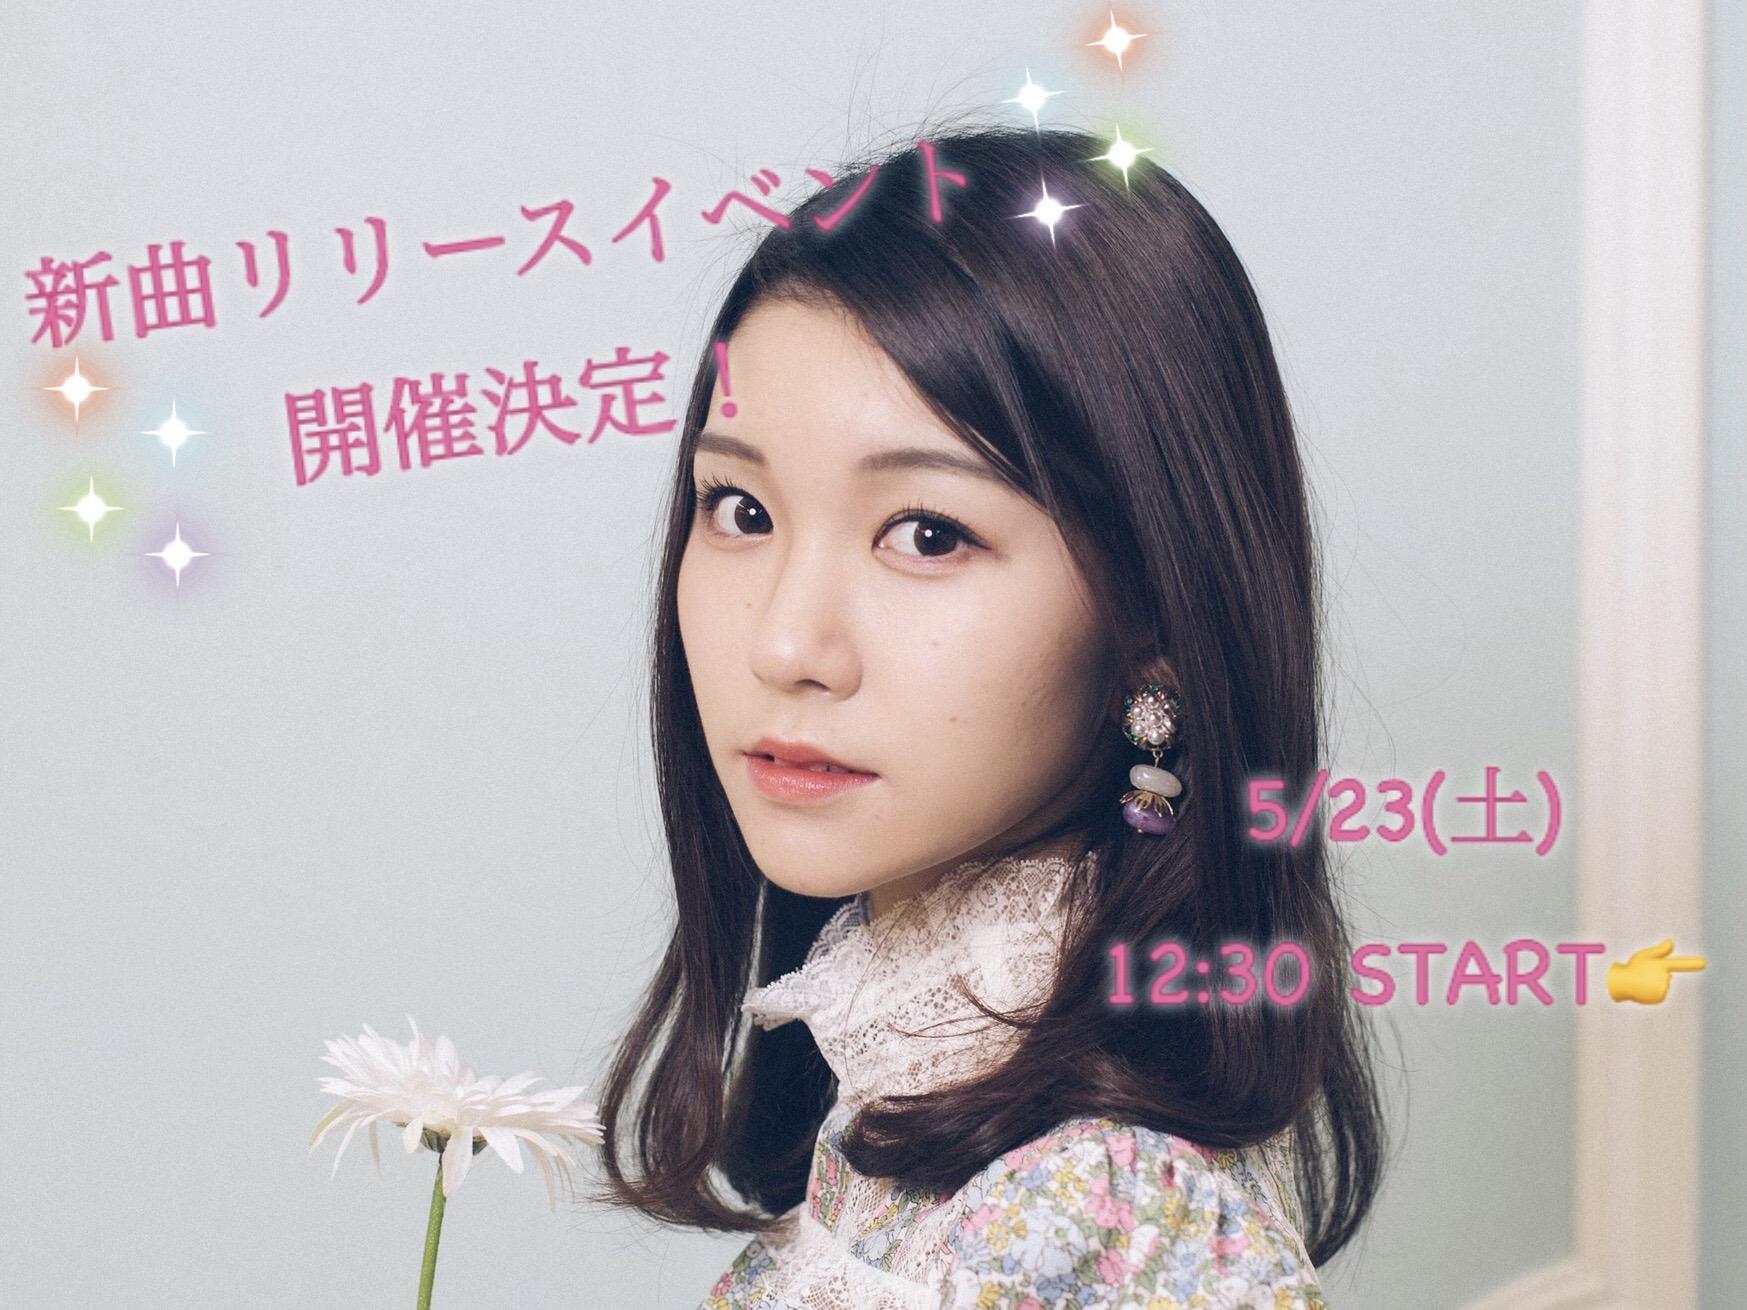 生誕&New single リリースイベント